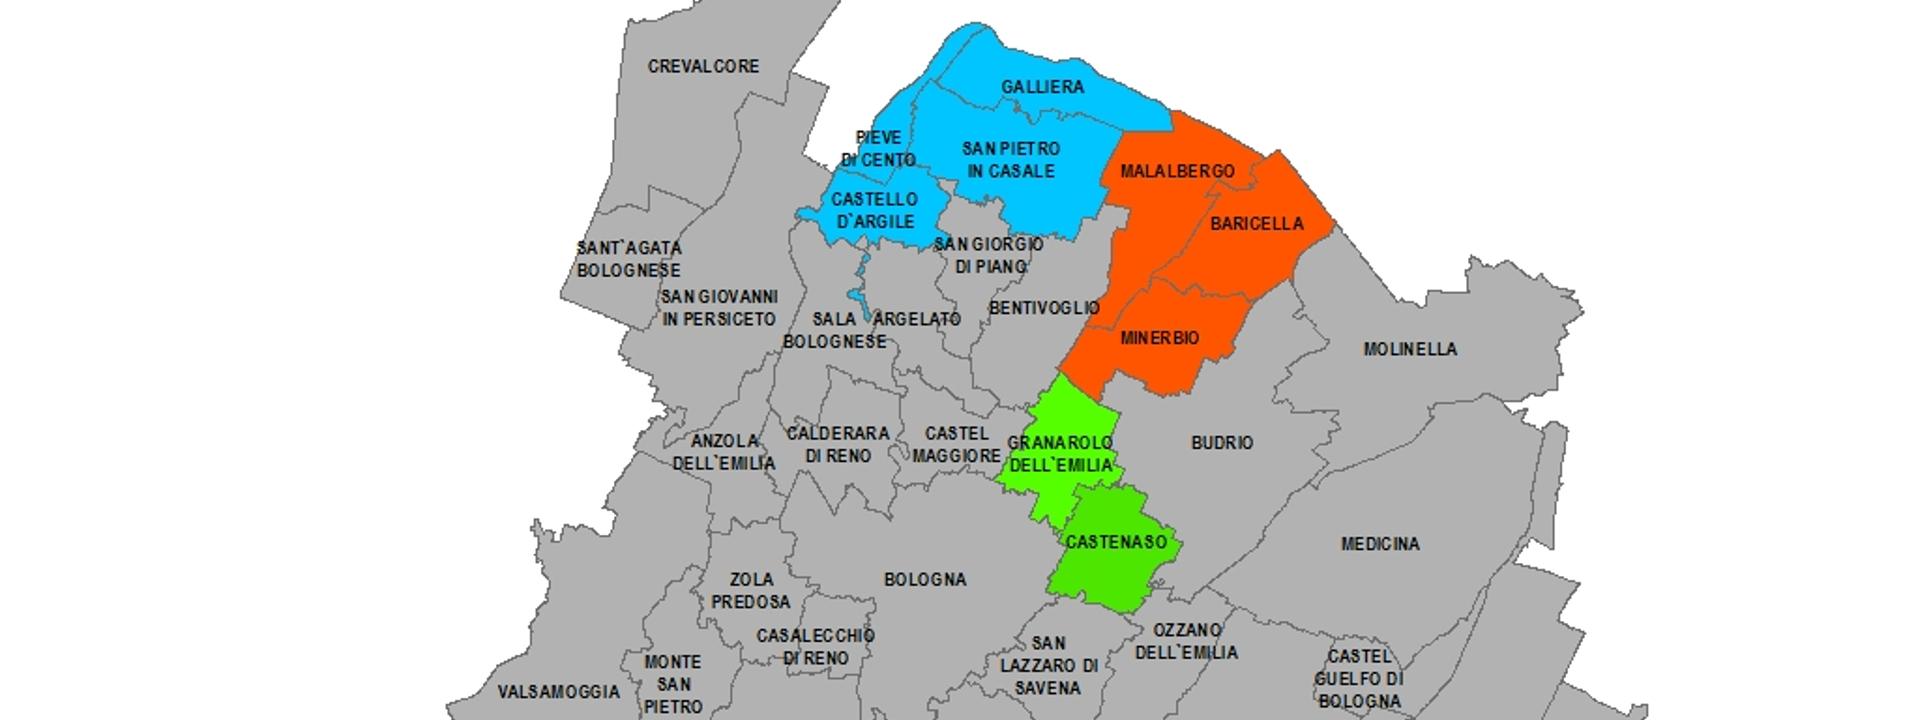 La cartina dei Comuni coinvolti